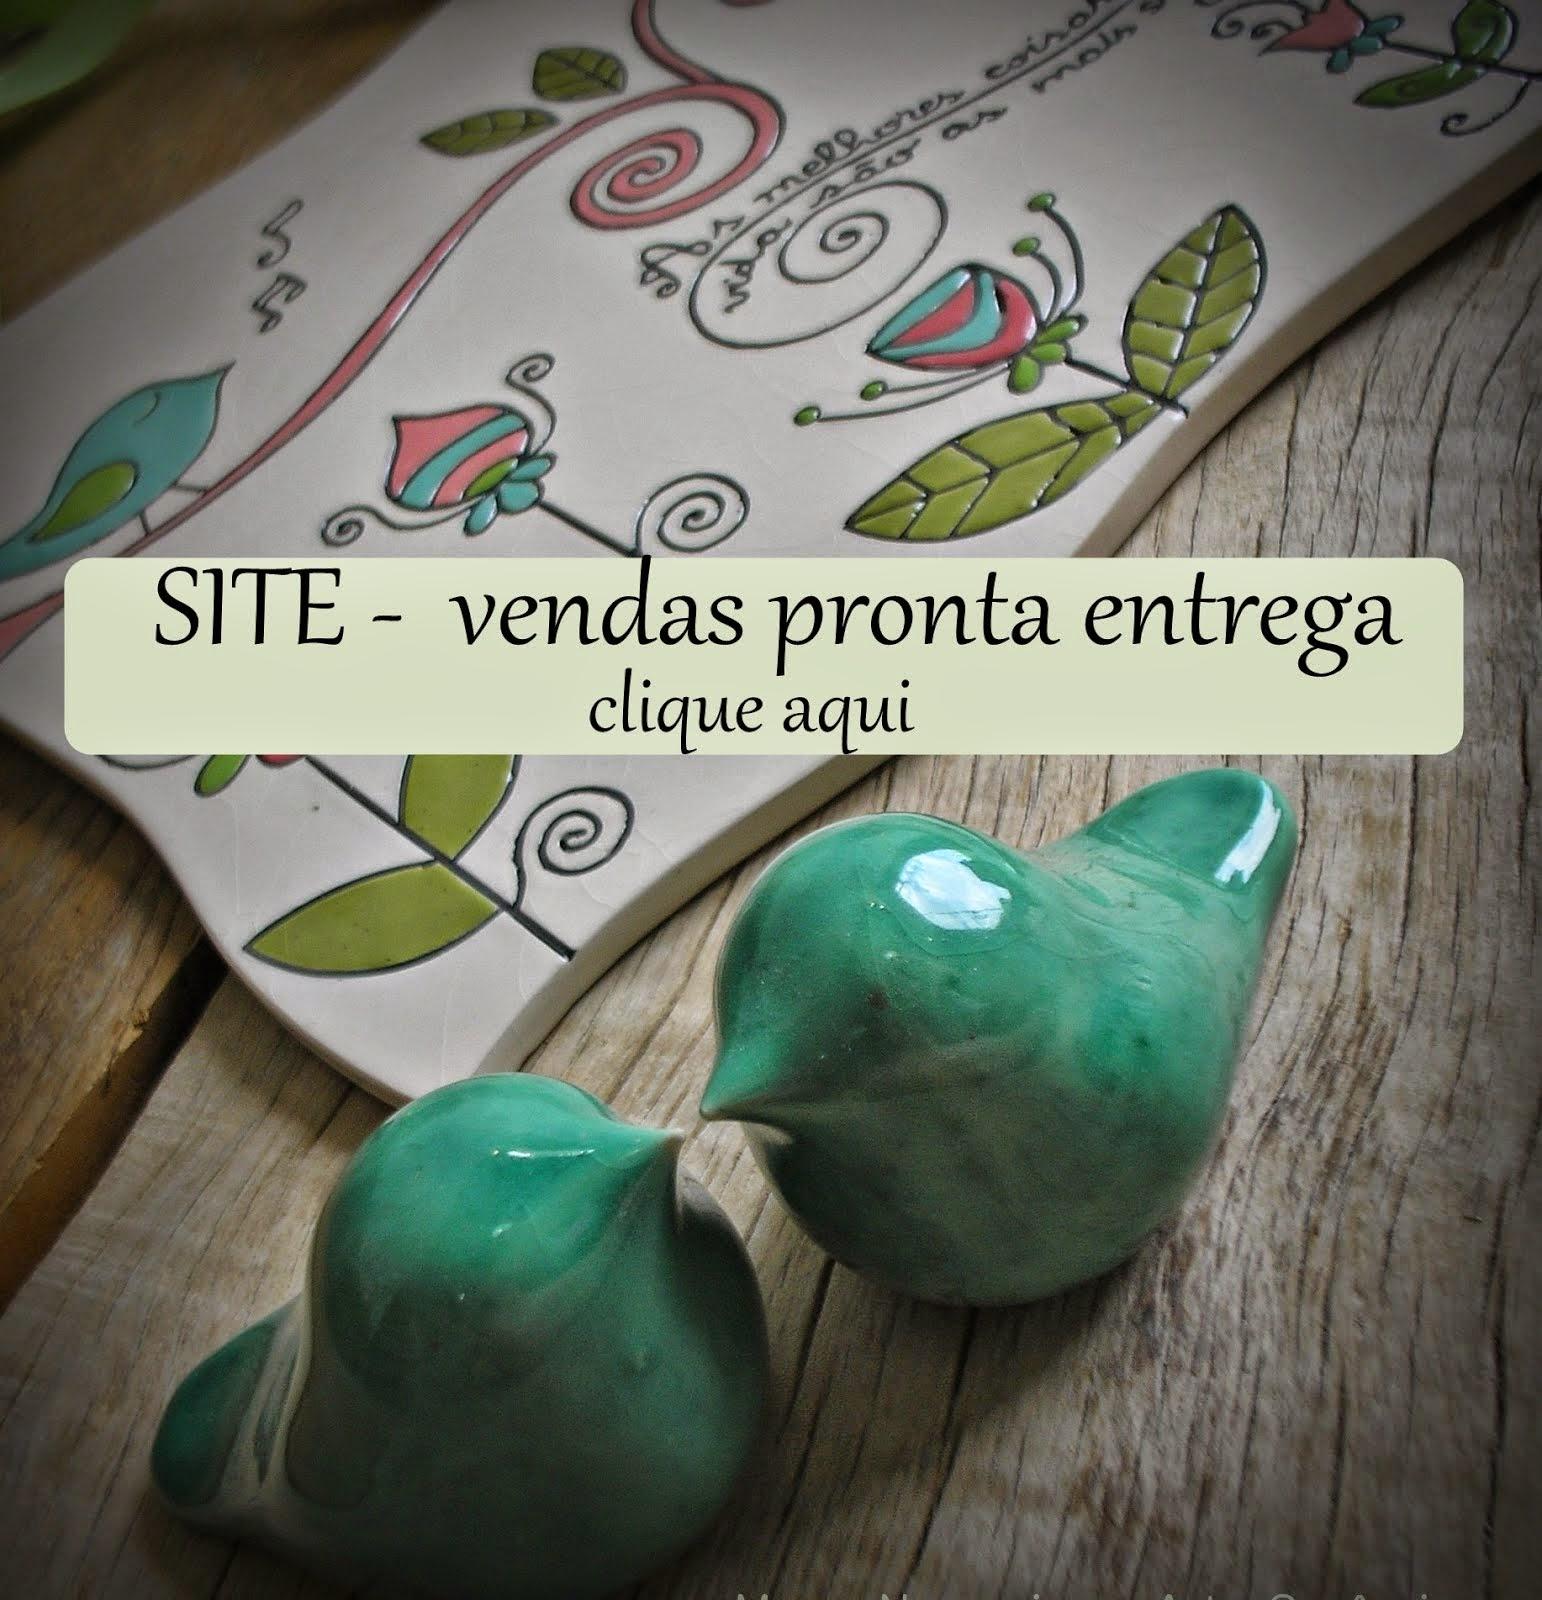 E-mail: ceramica@maganogueira.com.br